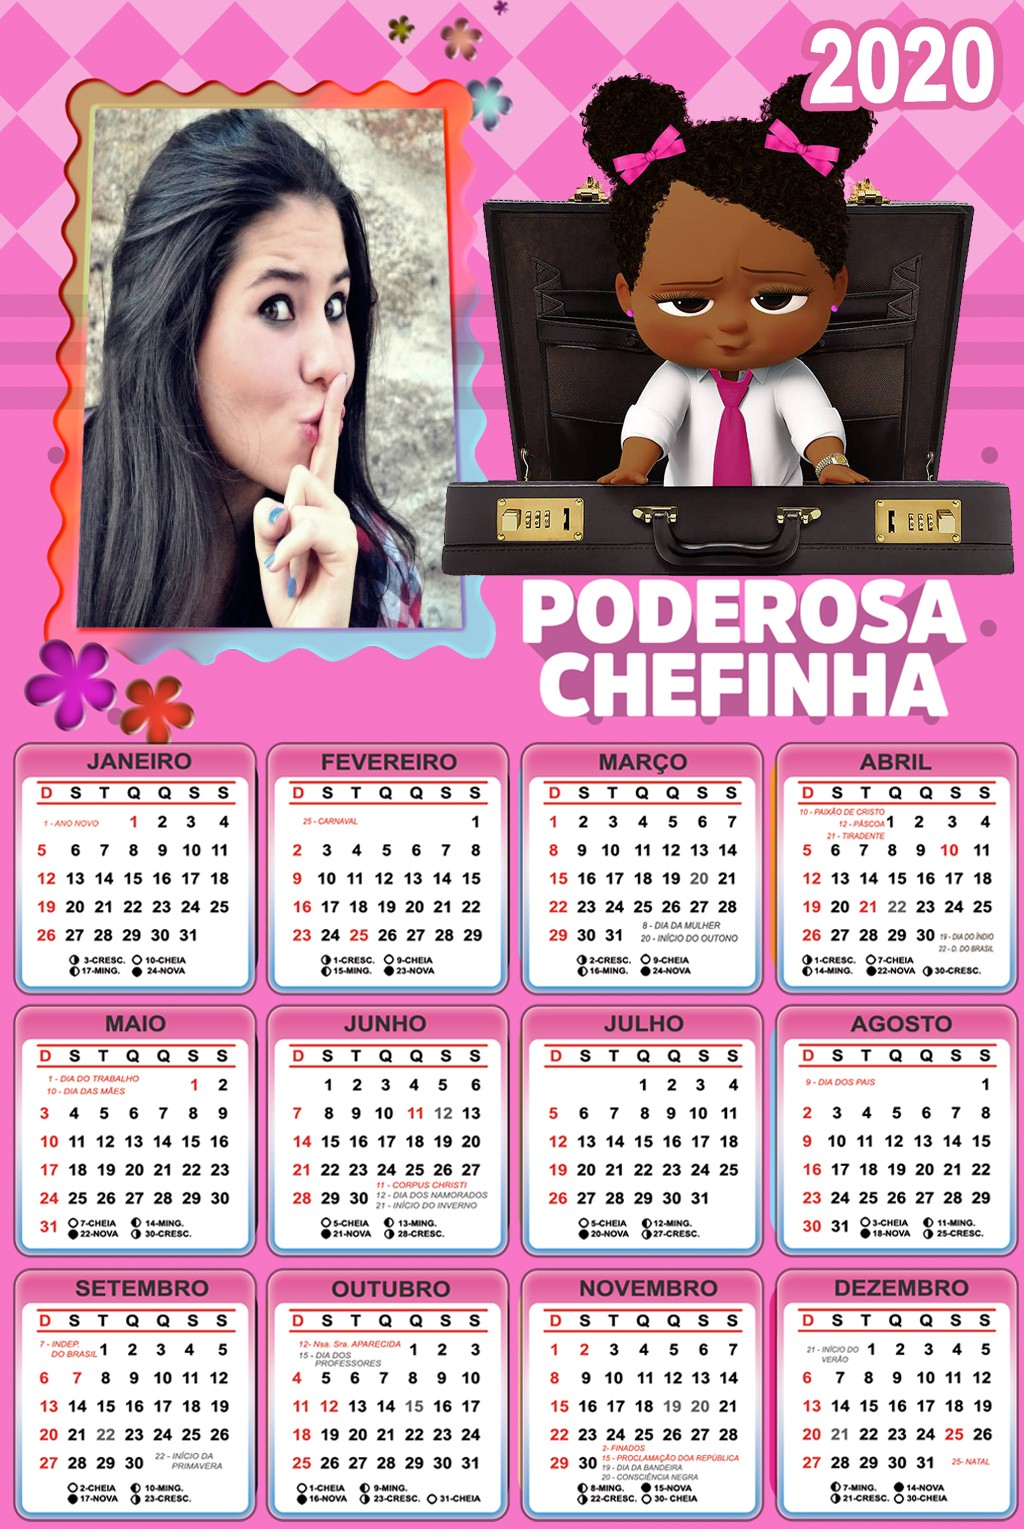 base-moldura-calendario-2020-poderosa-chefinha-rosa